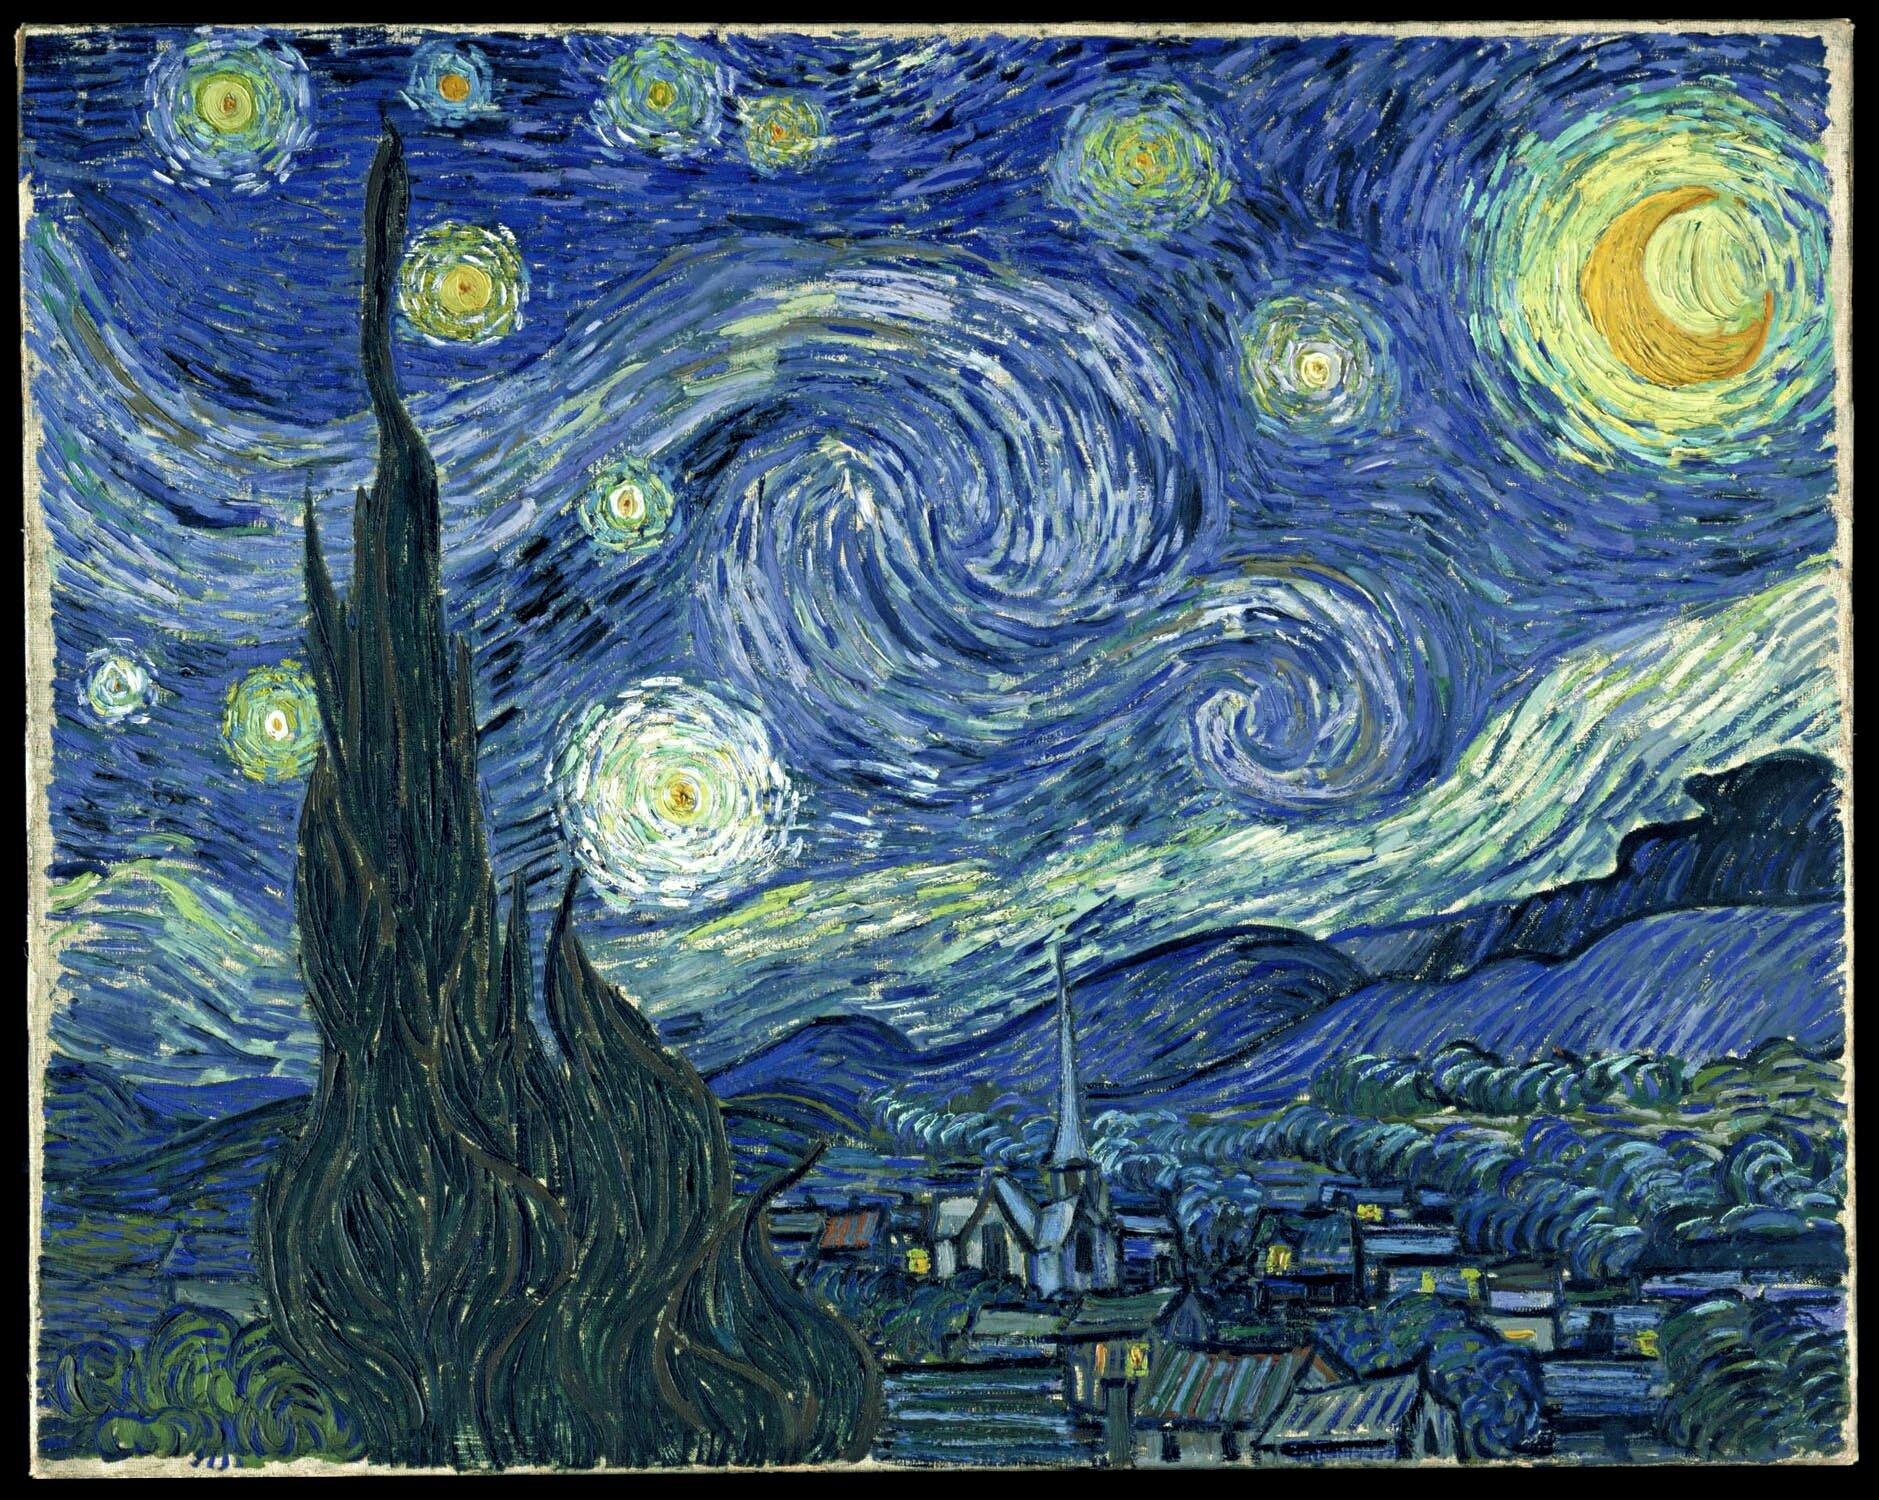 Vincent van Gogh, Gwiaździsta noc, 1889 Źródło: English Wikipedia, Vincent van Gogh, Gwiaździsta noc, 1889, olej na płótnie, Museum of Modern Art, licencja: CC 0.